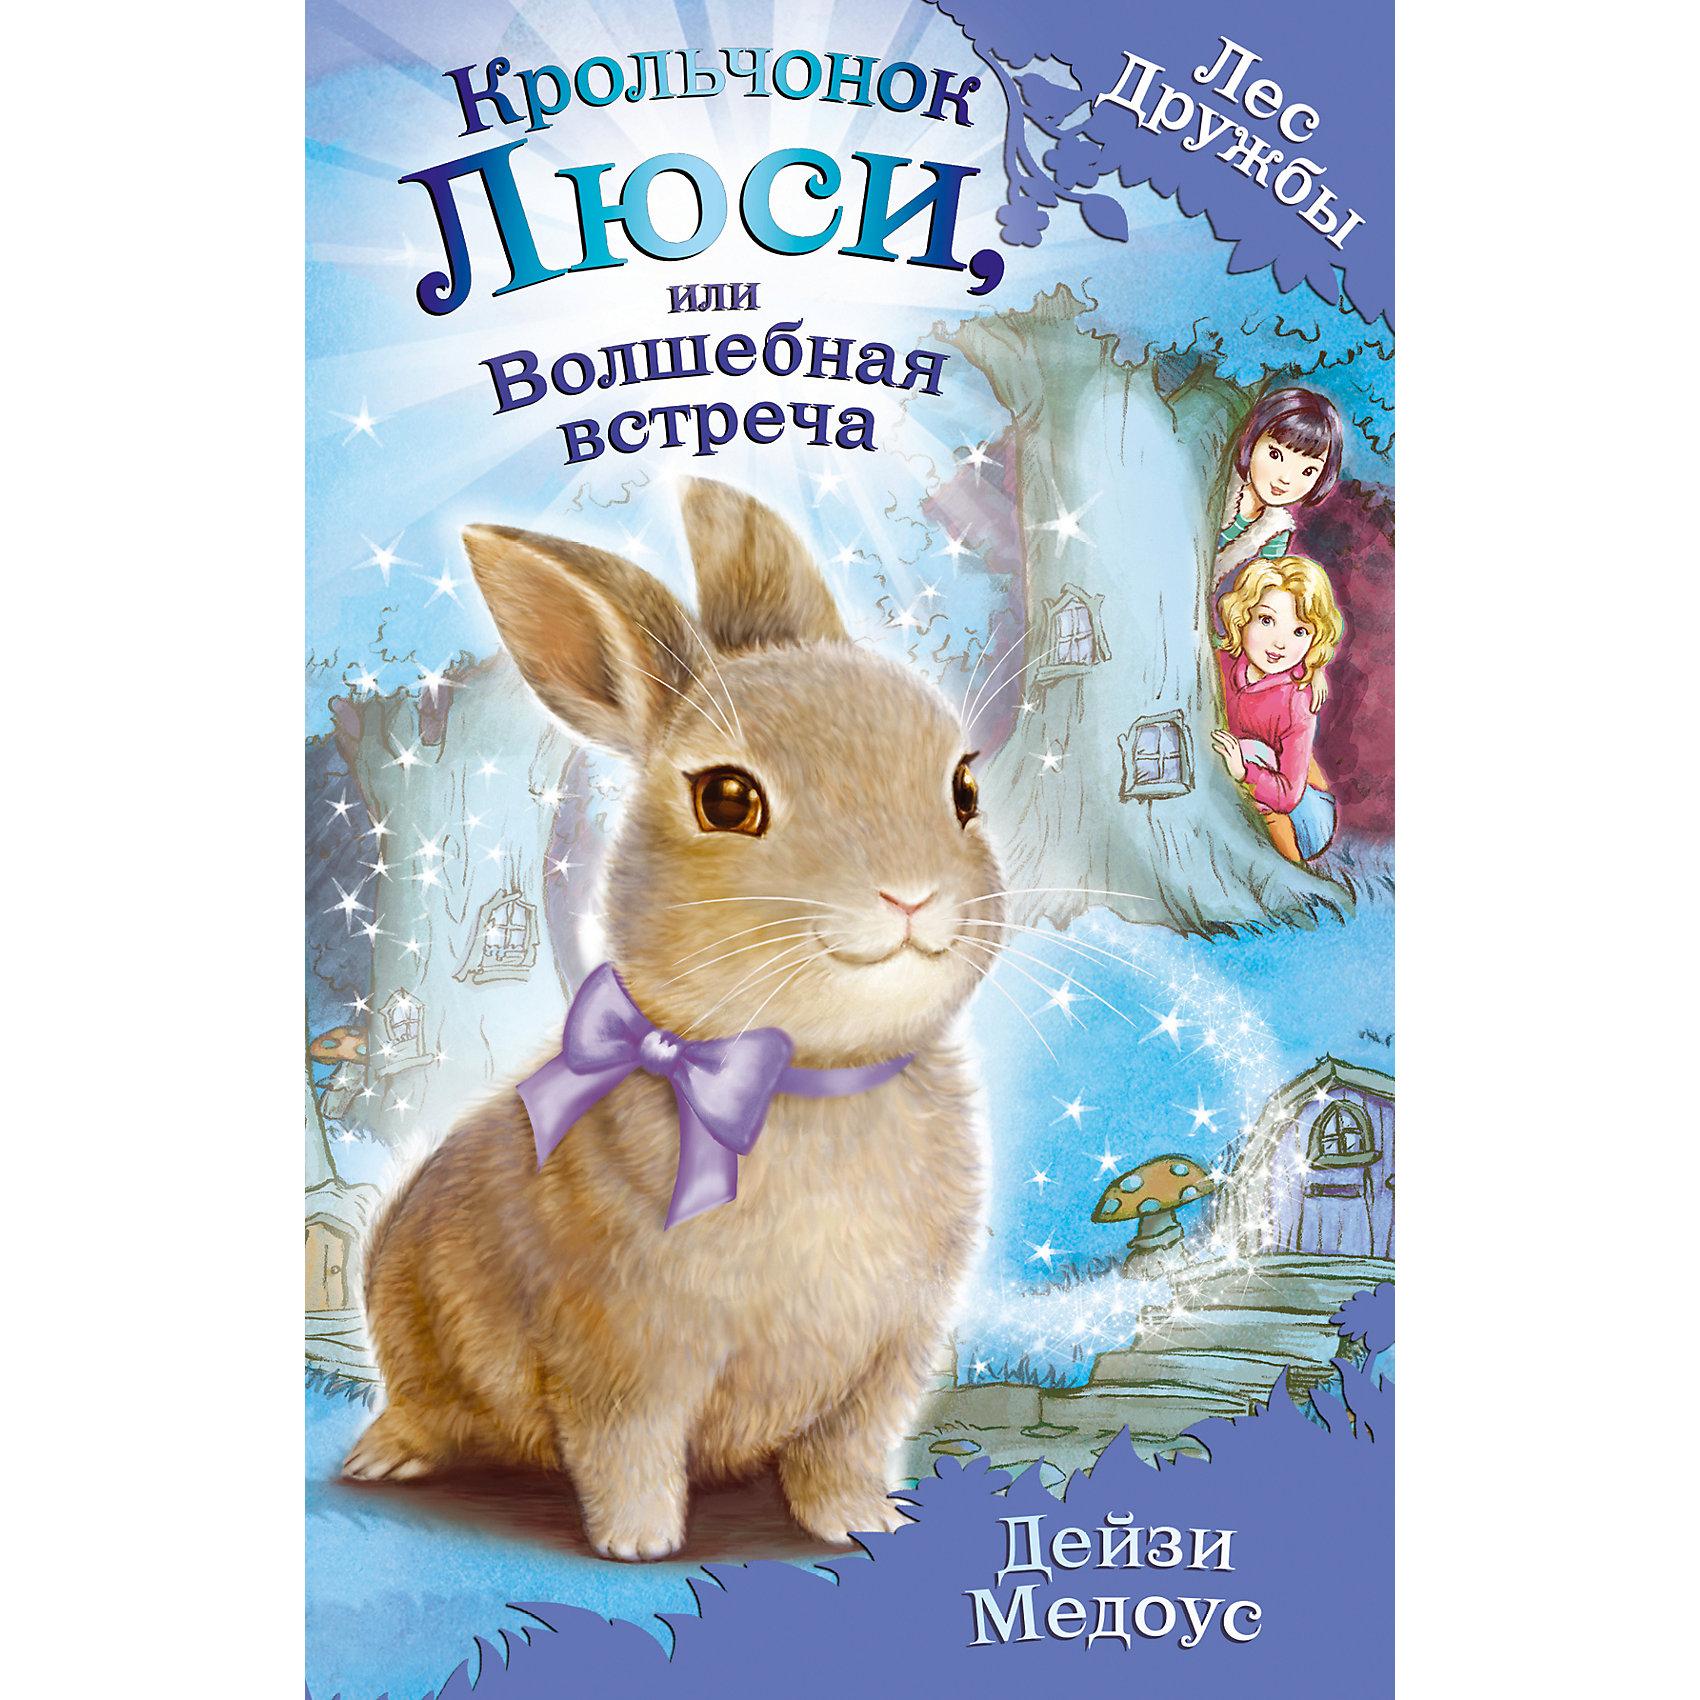 Книга Крольчонок Люси, или Волшебная встреча, Дейзи МедоусСказки, рассказы, стихи<br>Книга Крольчонок Люси, или Волшебная встреча, Дейзи Медоус – это увлекательная повесть о приключениях подруг Лили и Джесс.<br>Дейзи Медоус - автор более ста книг для детей, среди которых серия Rainbow Magic - всемирный бестселлер о приключениях фей. Представляем вашему вниманию ее новый проект! Лили и Джесс - лучшие подруги, они обожают животных и даже помогают в ветклинике. Однажды девочки знакомятся с необычной кошкой Голди, которая привела их в волшебное место – Лес Дружбы, где все животные умеют разговаривать. С этого дня приключения следуют одно за другим! Первой, кого встретили Лили и Джесс, оказалась Люси Длинноус, любопытный крольчонок. Но внезапно, прямо на глазах у девочек, Люси похитили злые тролли! Что же делать? Джесс и Лили пускаются в погоню, но троллей и след простыл. Помочь подружкам может только мудрый филин…  Для младшего школьного возраста.<br><br>Дополнительная информация:<br><br>- Автор: Медоус Дейзи<br>- Переводчик: Романенко Е. А.<br>- Издательство: Эксмо, 2015 г.<br>- Серия: Лес Дружбы. Волшебные истории о зверятах<br>- Тип обложки: 7Б - твердая (плотная бумага или картон)<br>- Оформление: частичная лакировка, глитер (блестки)<br>- Иллюстрации: черно-белые<br>- Количество страниц: 128 (офсет)<br>- Размер: 206x132x12 мм.<br>- Вес: 242 гр.<br><br>Книгу Крольчонок Люси, или Волшебная встреча, Дейзи Медоус можно купить в нашем интернет-магазине.<br><br>Ширина мм: 206<br>Глубина мм: 132<br>Высота мм: 12<br>Вес г: 250<br>Возраст от месяцев: 36<br>Возраст до месяцев: 72<br>Пол: Унисекс<br>Возраст: Детский<br>SKU: 4467665